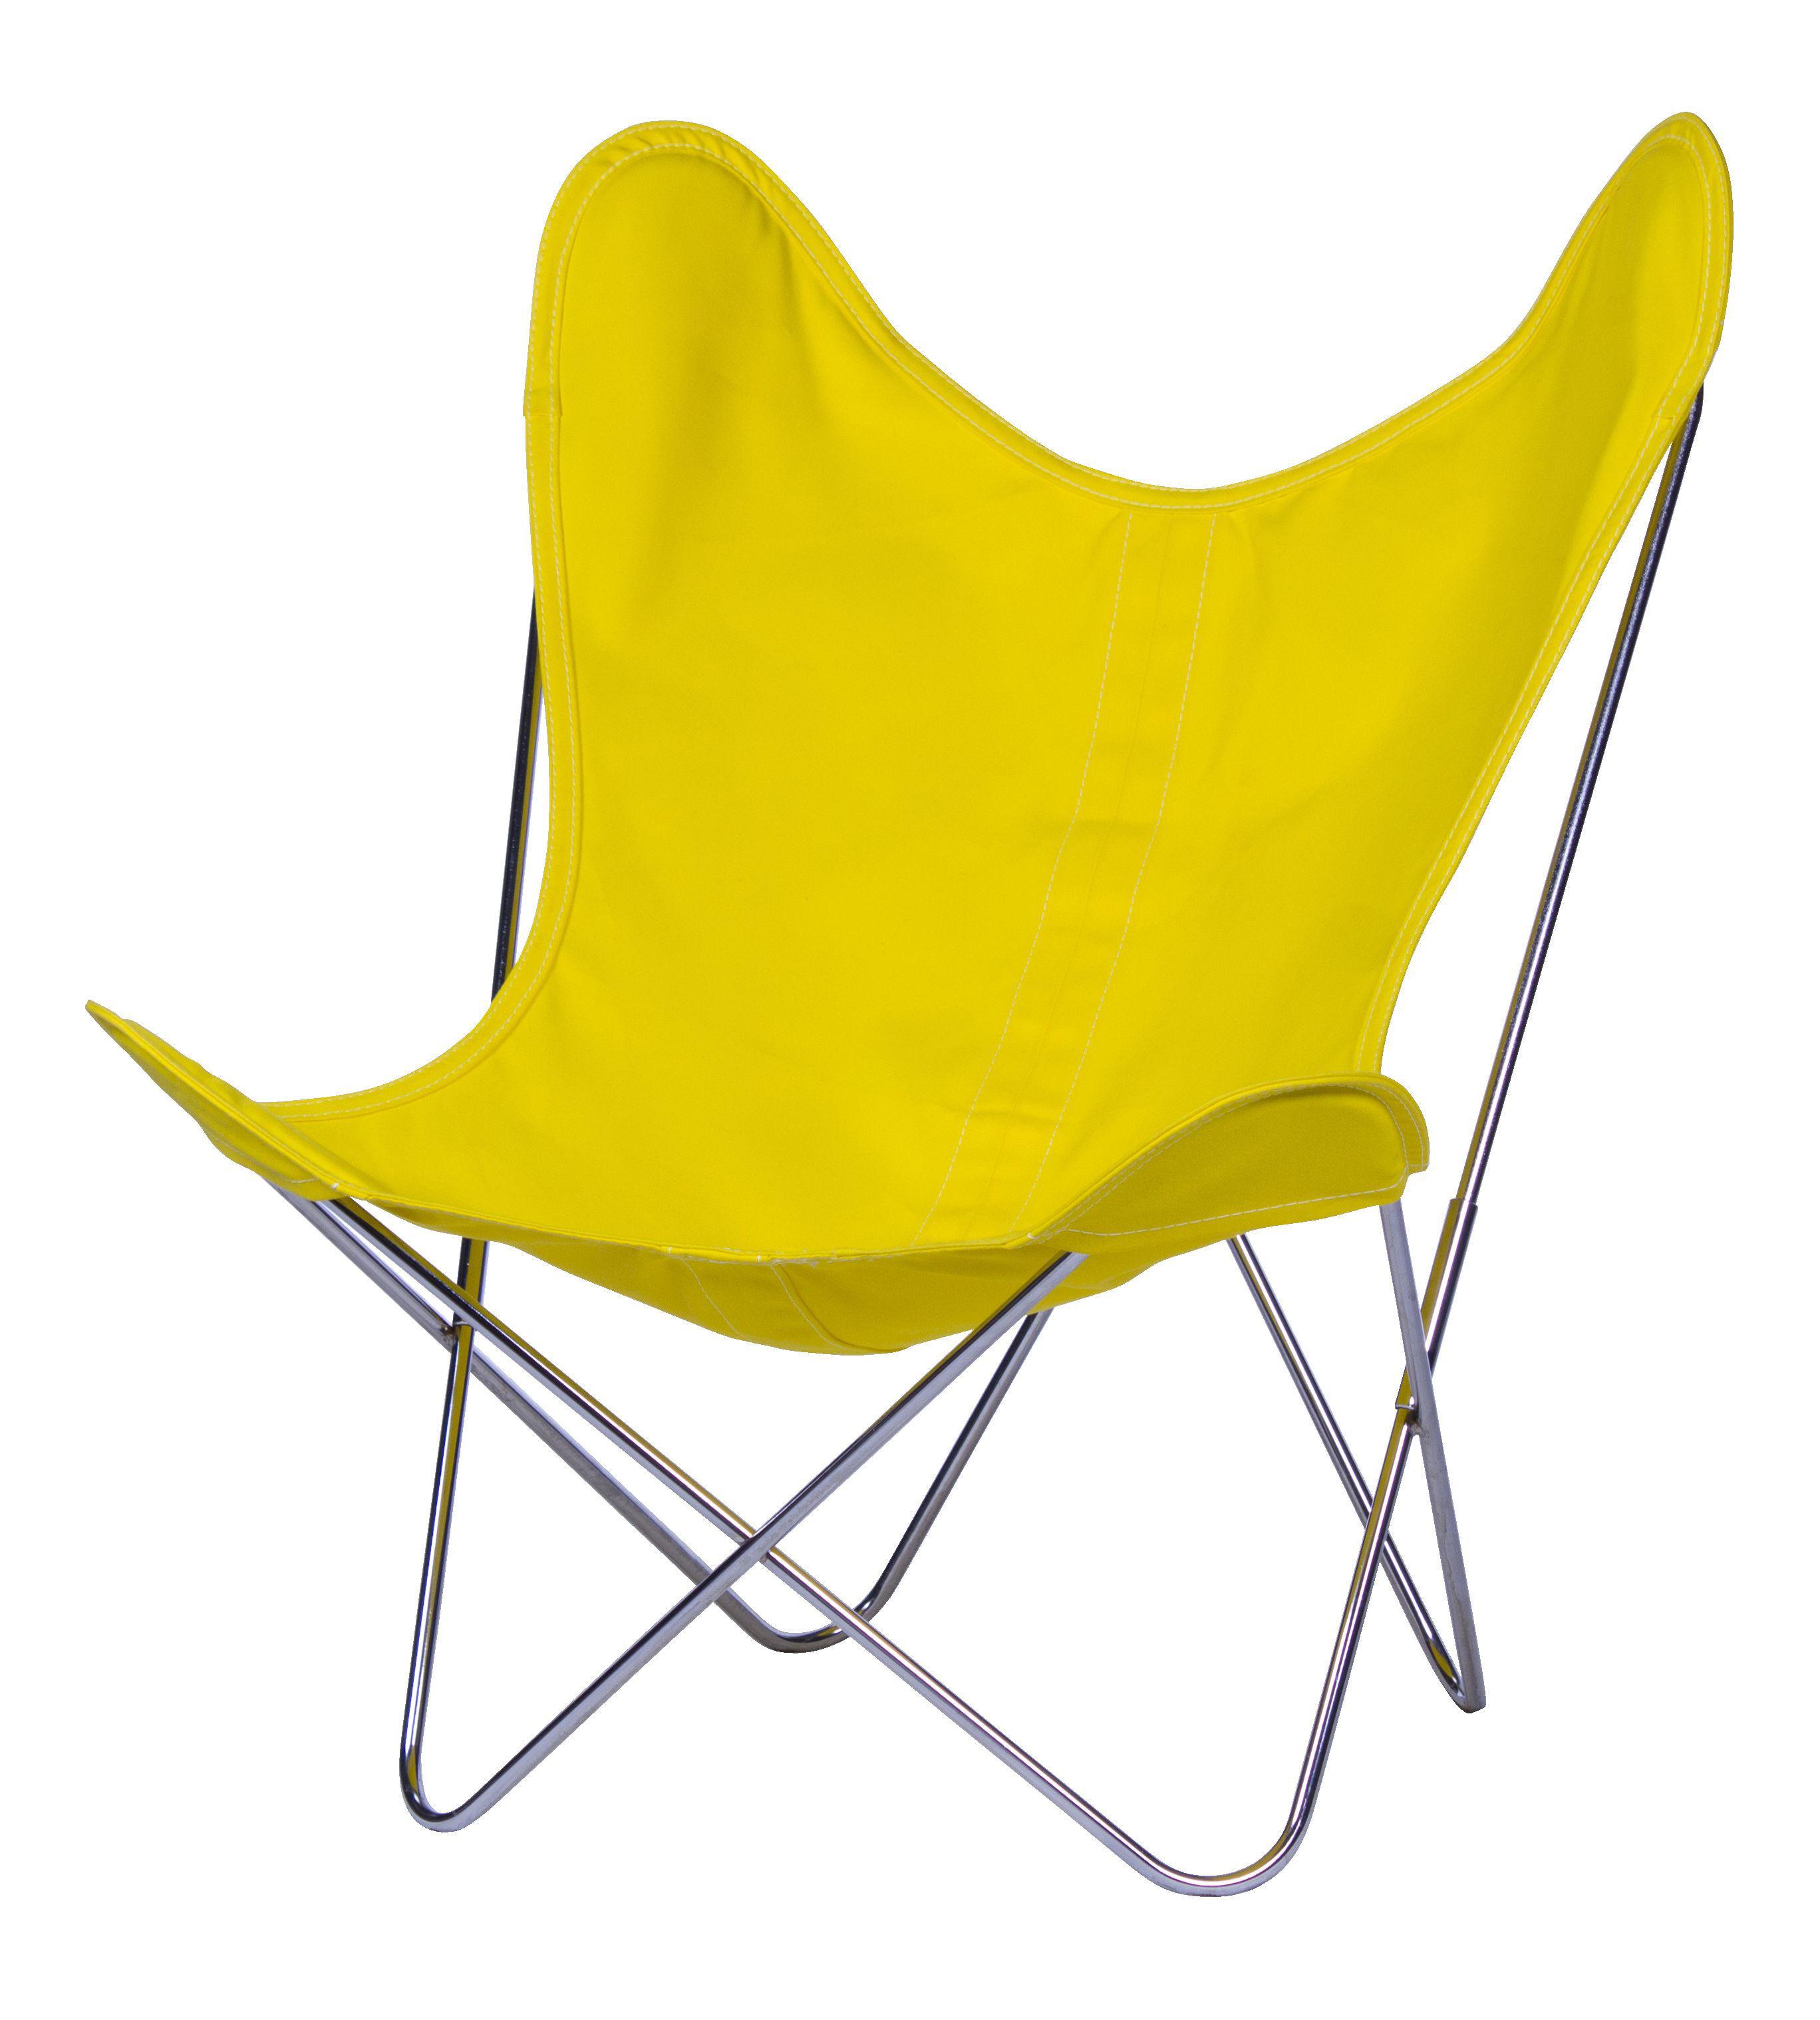 Möbel - Lounge Sessel - AA Butterfly Sessel Stoff / Gestell chrom-glänzend - AA-New Design - Gestell chrom-glänzend / Bezug Butterblume (gelb) - Leinen, verchromter Stahl